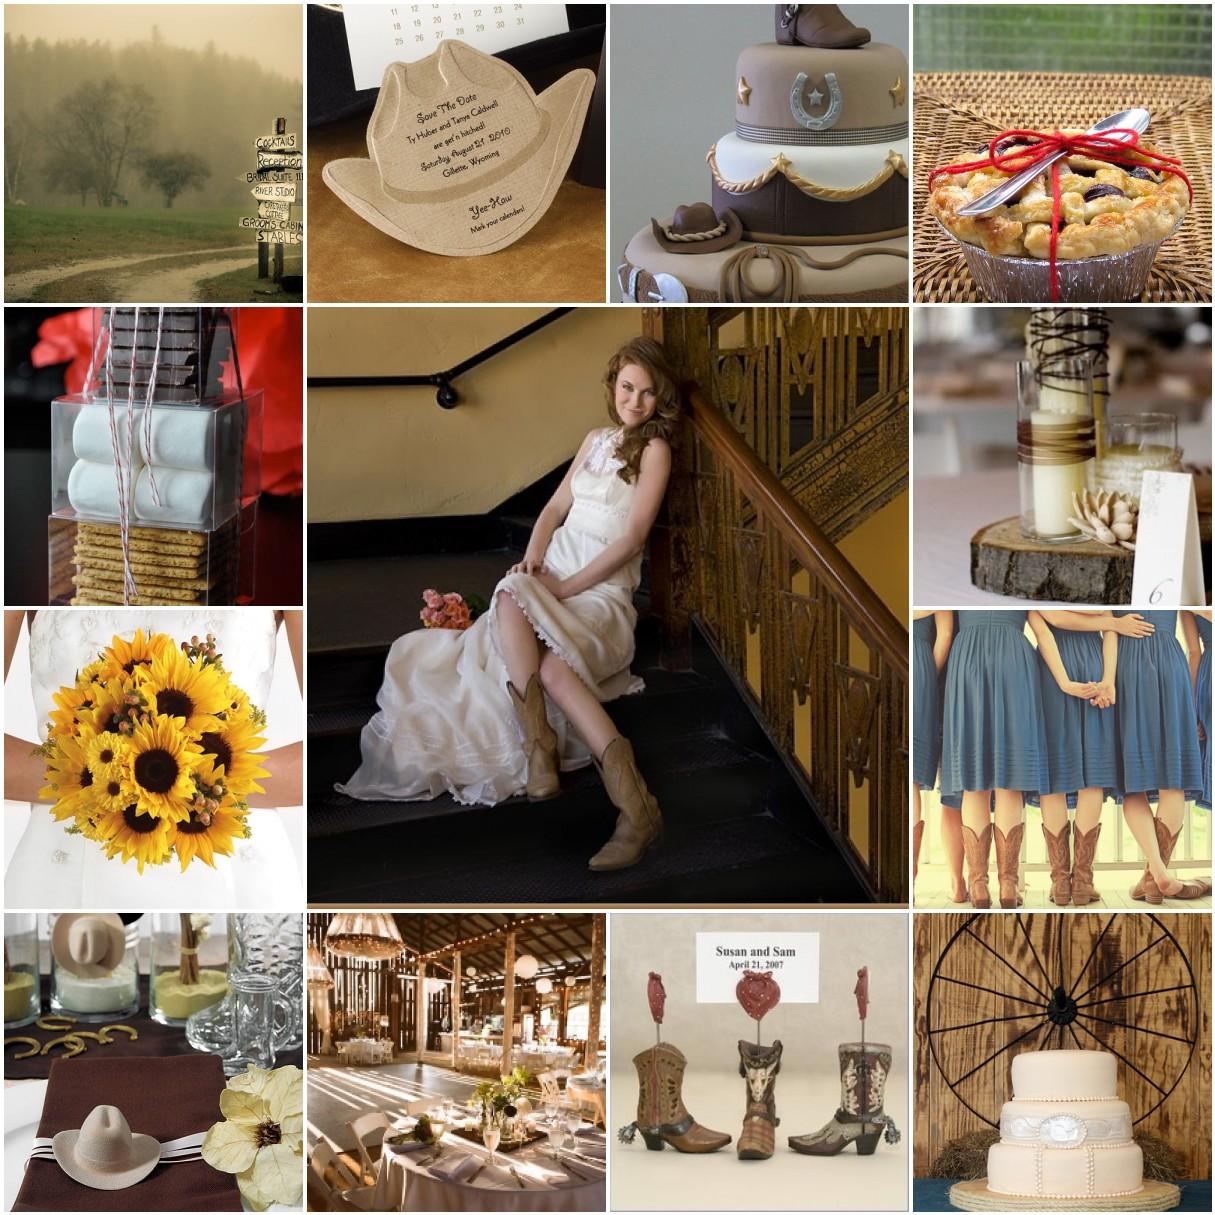 The button bride